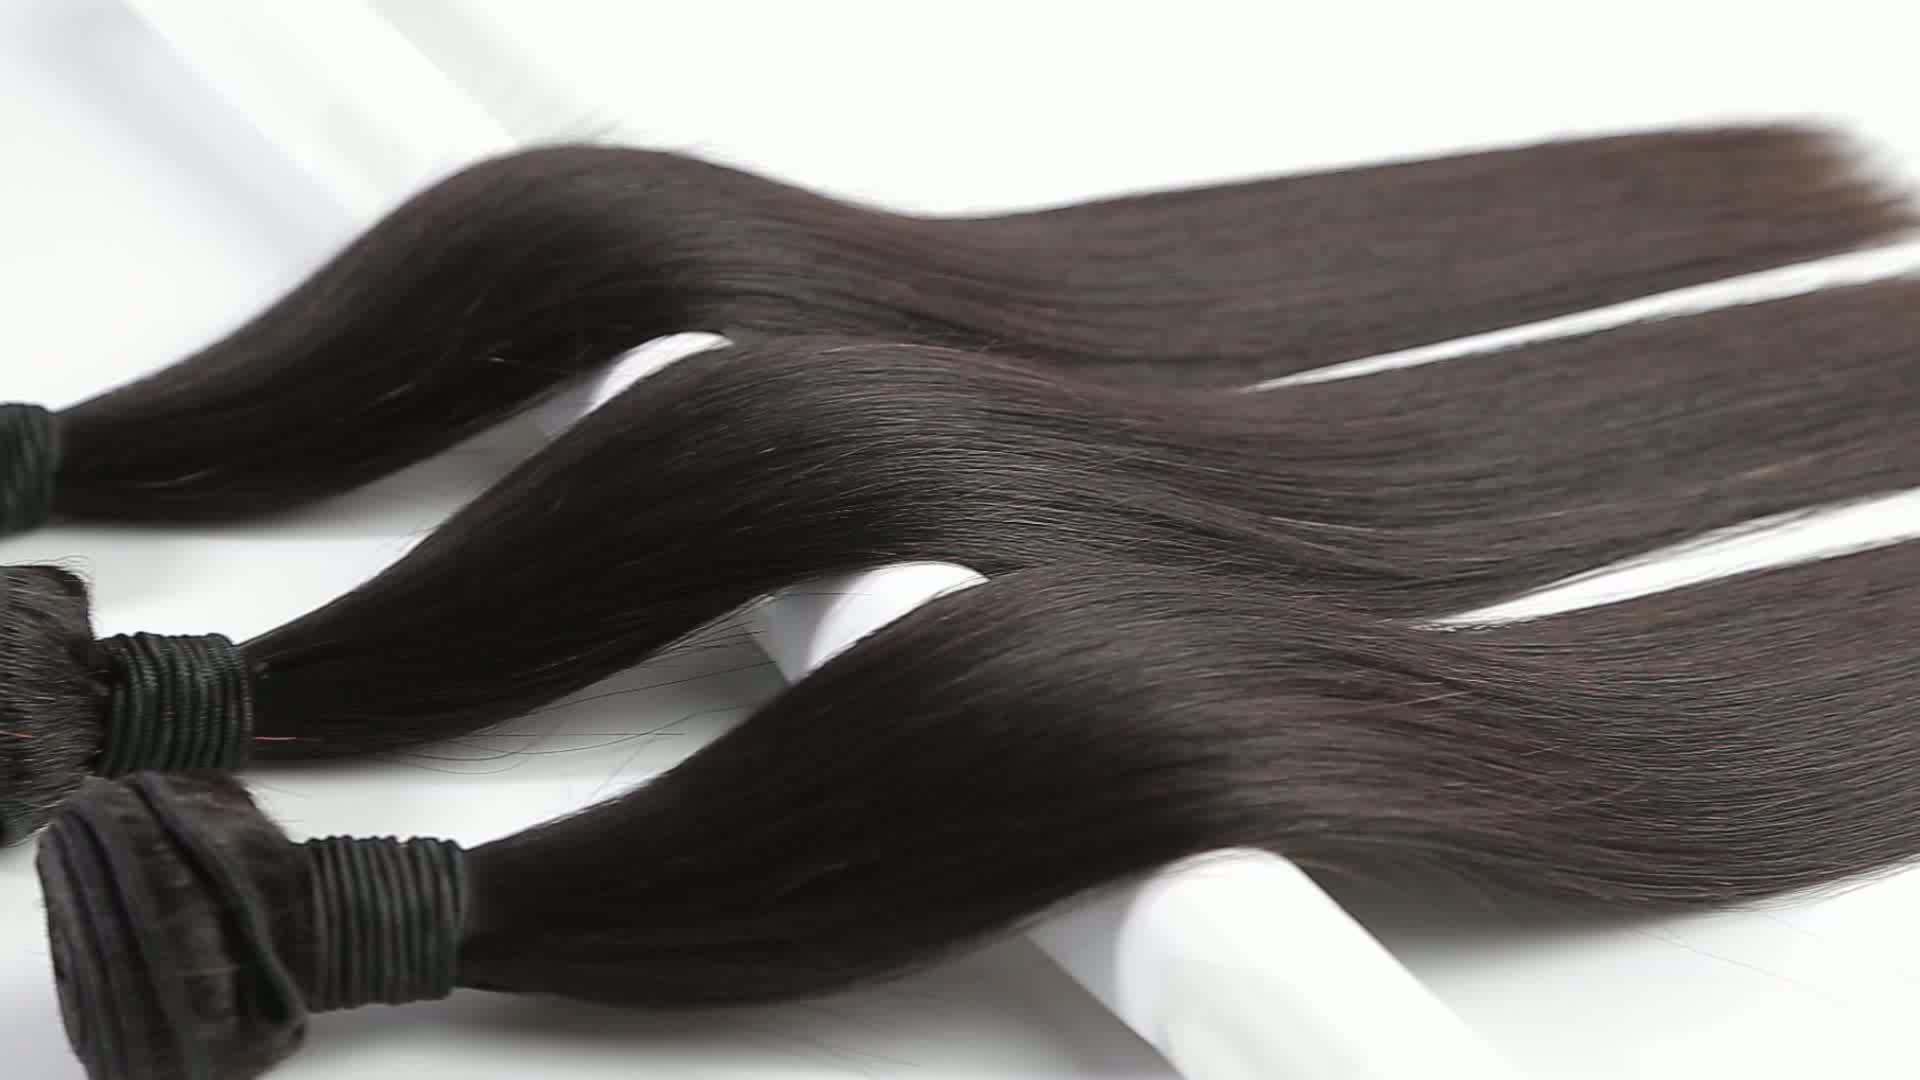 Venta al por mayor, extensiones de pelo liso de visón malayo virgen de grado 8A 9A 10A, extensiones de cabello lacio sin procesar económico, cutícula alineada de Malasia